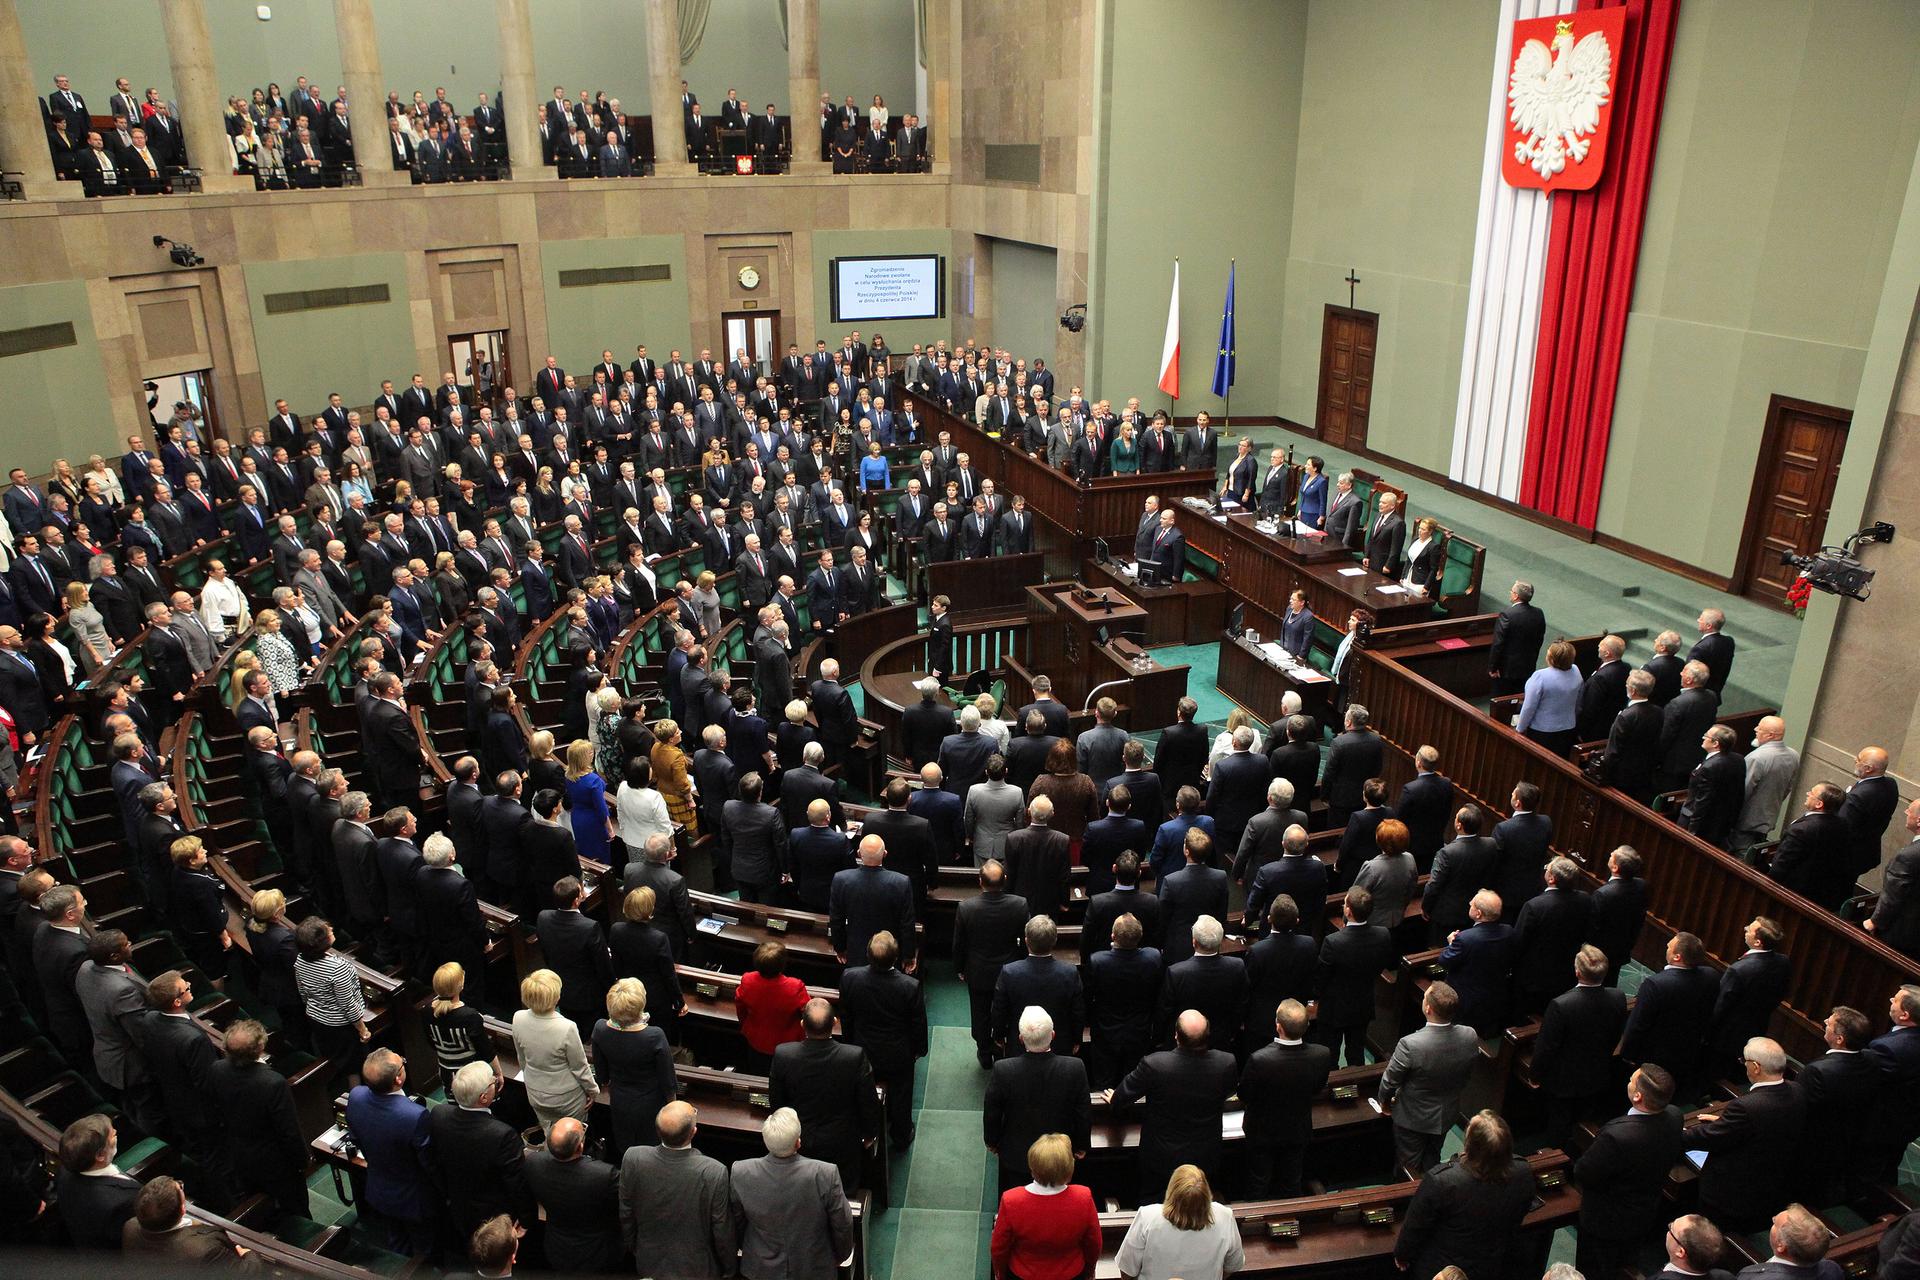 Kolorowe zdjęcie przedstawia salę Sejmu RP. Zdjęcie zgóry. Sala wkształcie półokręgu. Po prawej stronie wysoka ściana. Na środku, wpionie, zawieszony materiały zzakładkami. Po lewej stronie kolor biały, po prawej kolor czerwony. Na materiale zawieszone duże godło Polski. Biały orzeł wkoronie na czerwonym tle. Przed ścianą zgodłem długi rząd ławek równolegle do ściany. Pozostała część sali wkształcie półokręgu. Siedzenia ułożone wformie ławek, wkształcie półokręgów. Osoby biorące udział wposiedzeniu stoją przed swoimi krzesłami. Wcentralnej części sali, wśrodku półokręgu, mównica. Wokół sali balkon wsparty na kolumnach. Na balkonie obserwatorzy posiedzenia Sejmu.